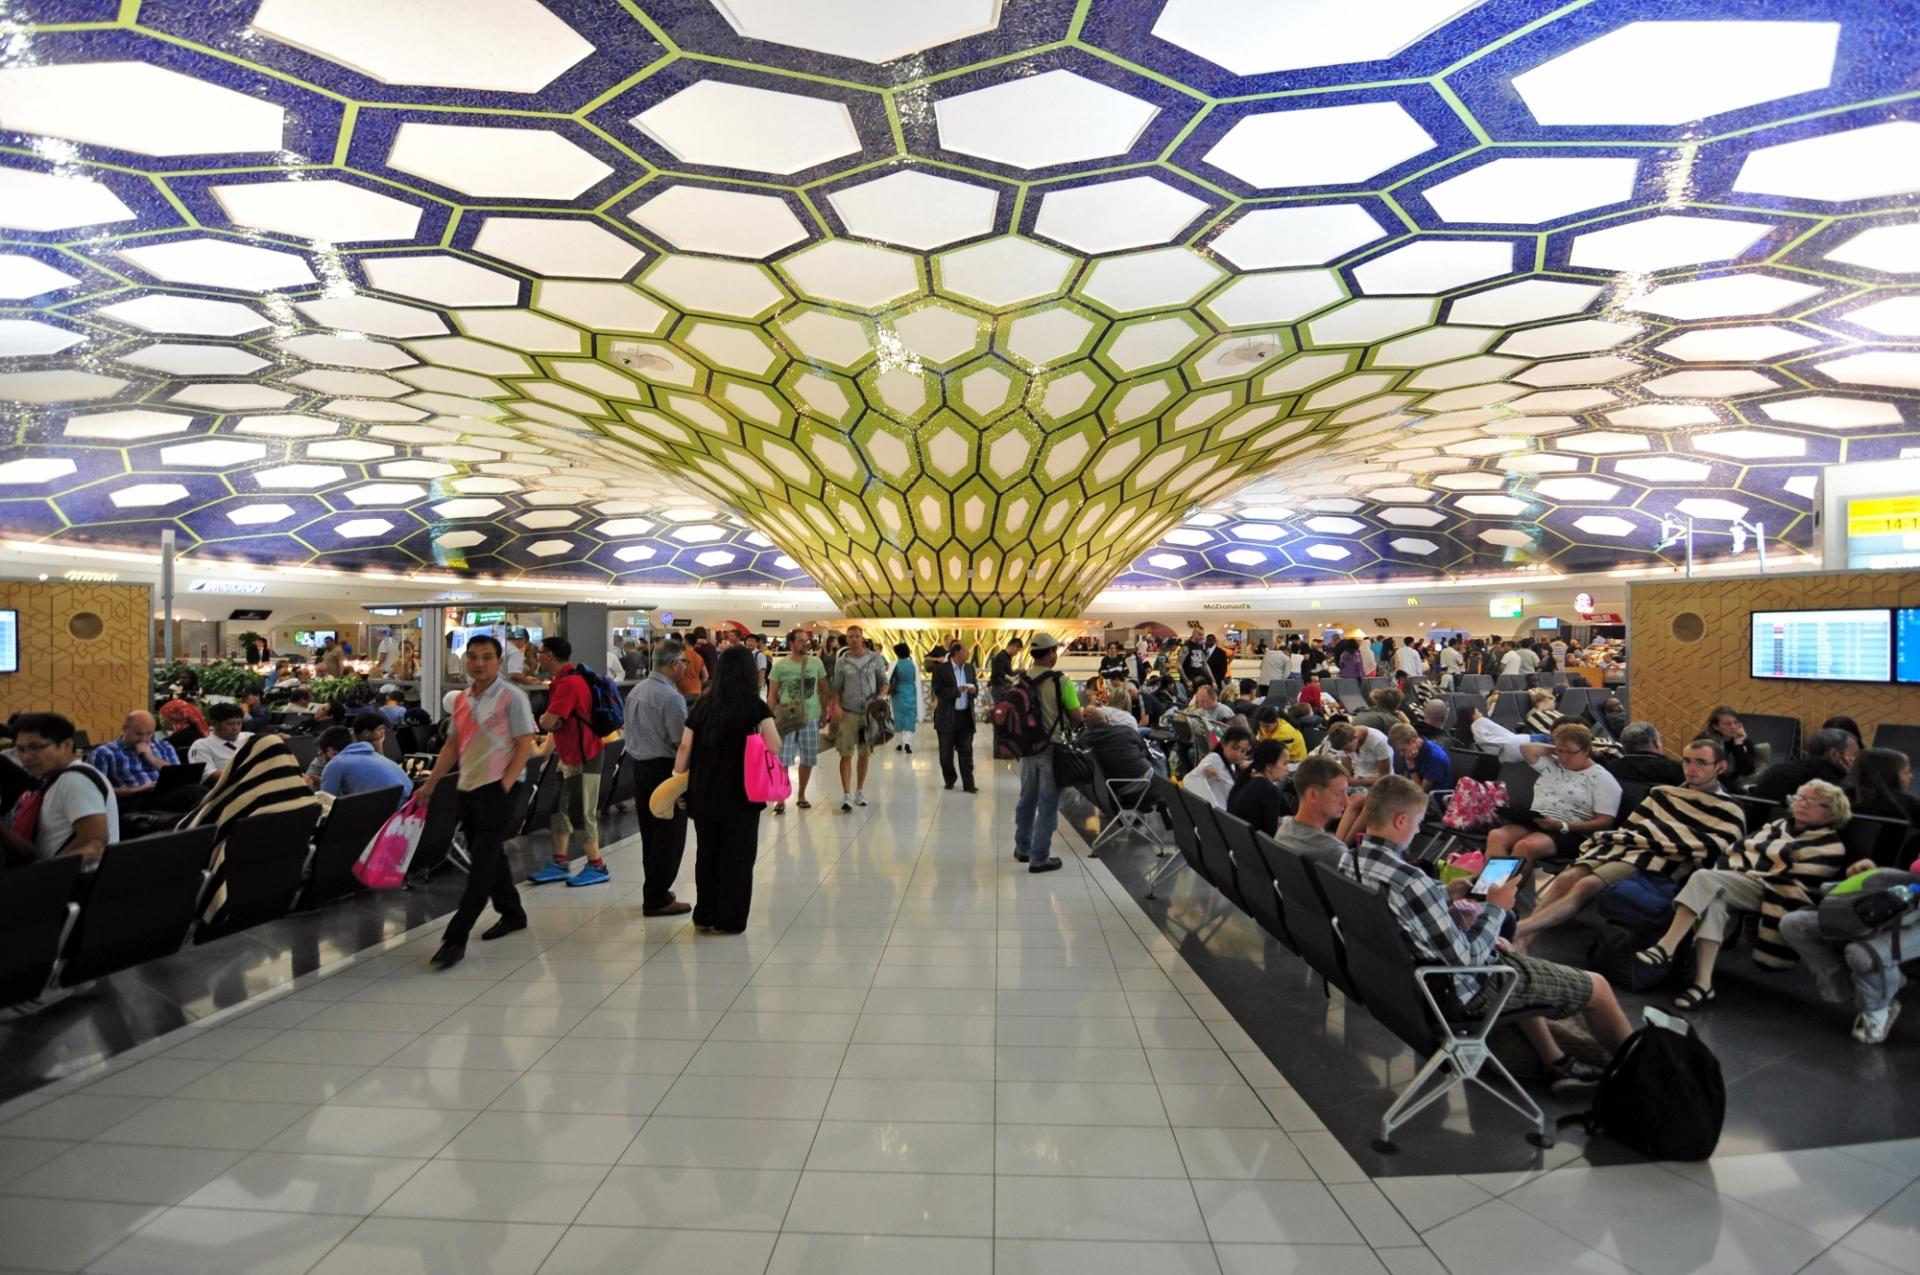 Aeroporto di Abu Dhabi 1, Emirati Arabi Uniti